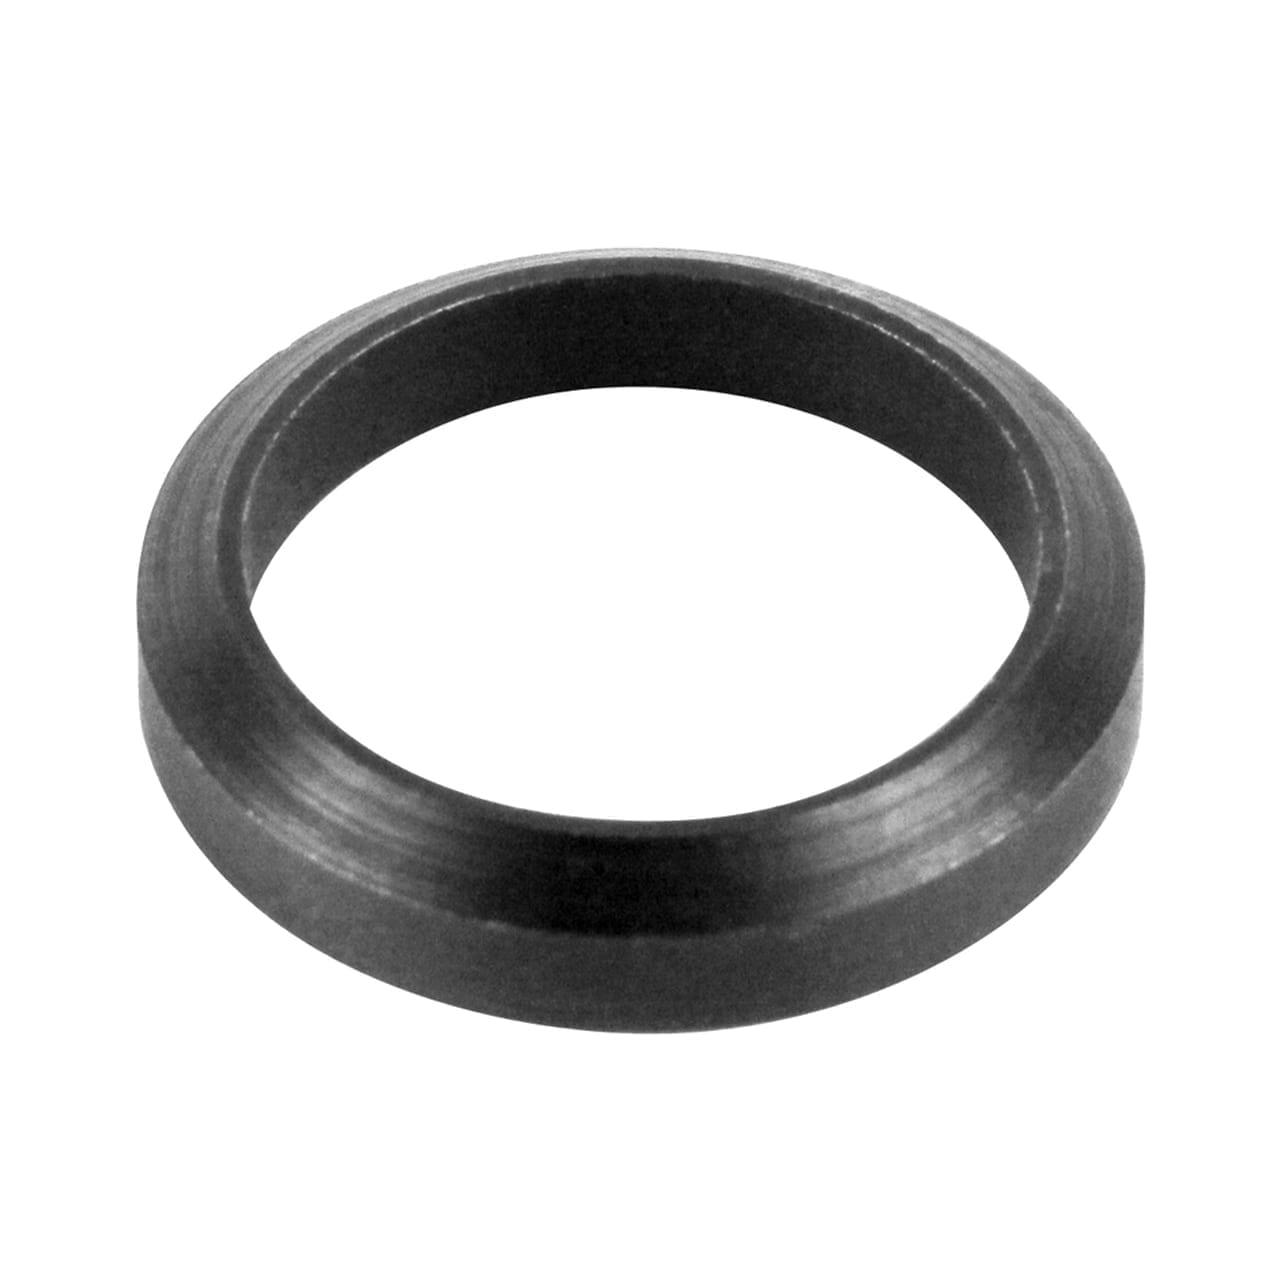 AR10 .308/AR15 300Blackout 5/8x24 Crush Washer, Black